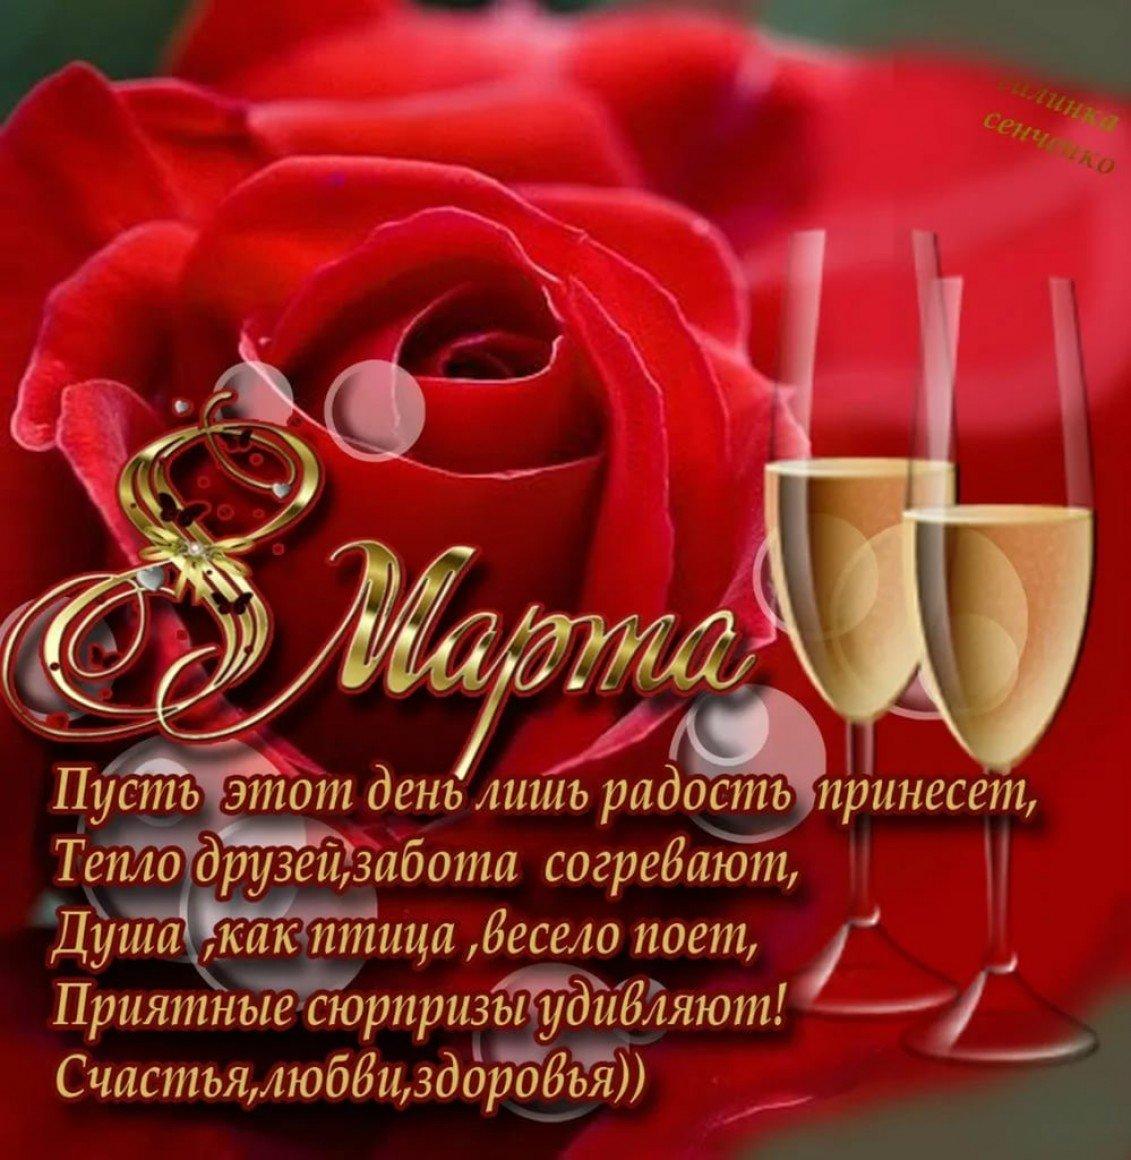 Поздравление, поздравления с 8 марта прикольные красивые картинки